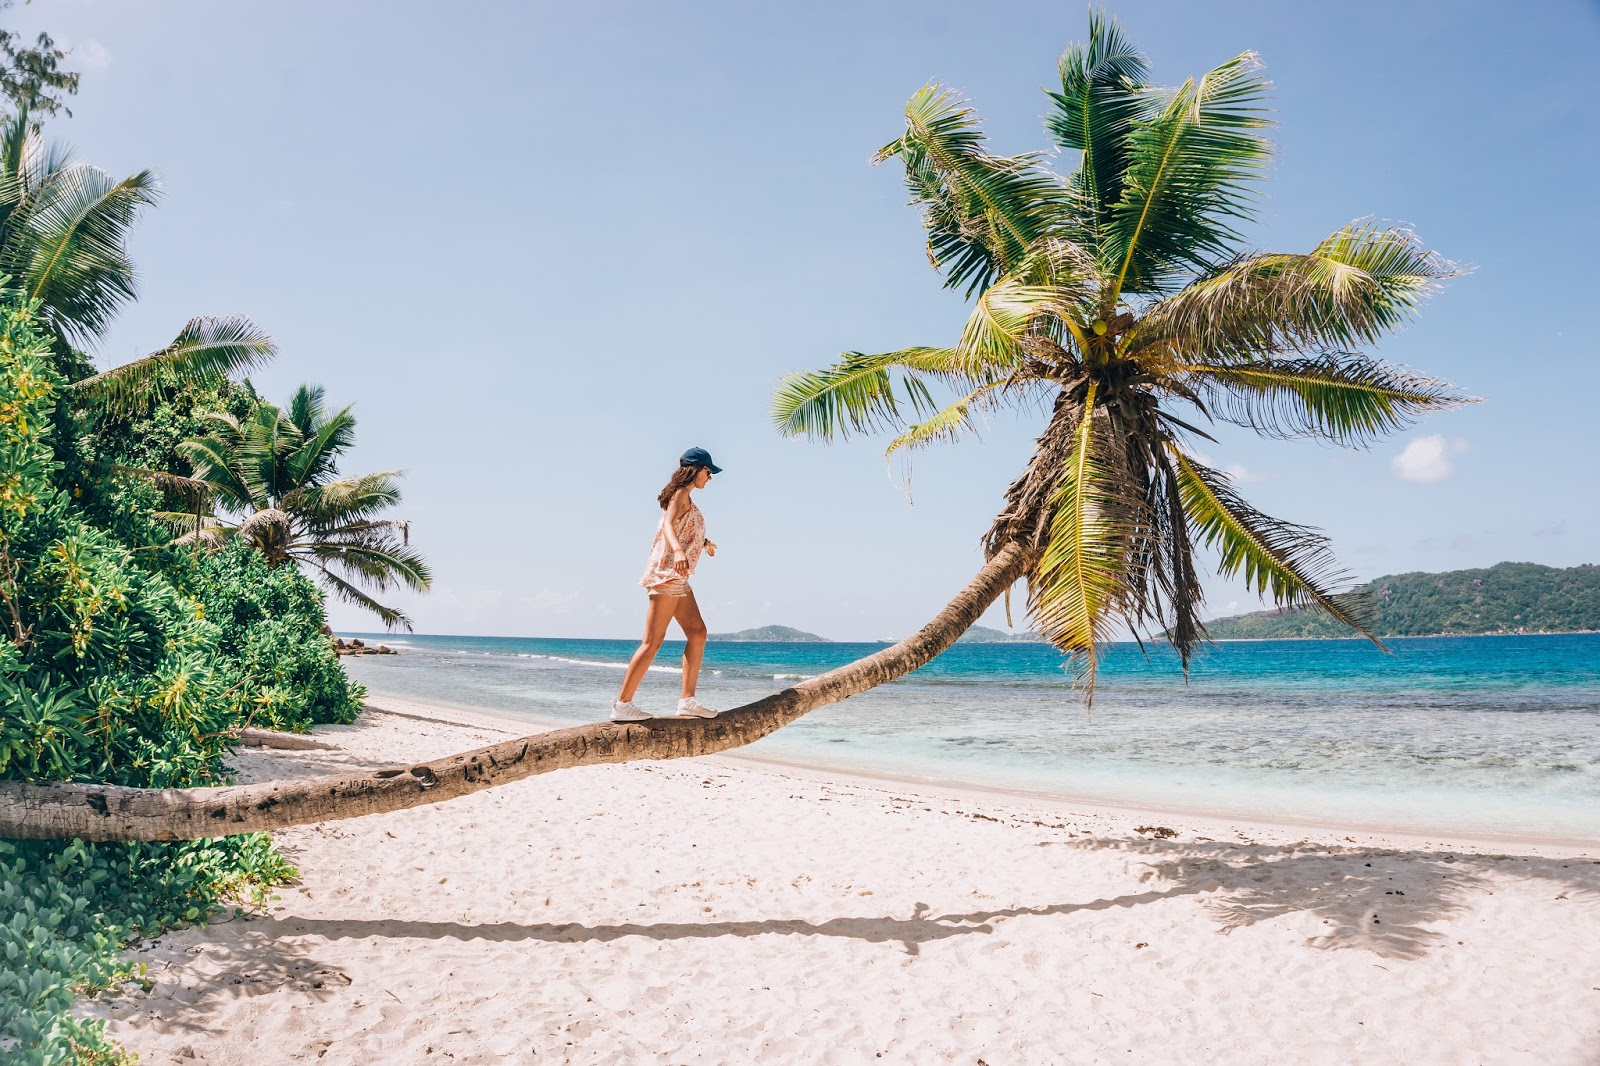 Seszele, rajskie Seszele, podróż na Seszele, Seszele palmy, Seszele plaże, Seszele na własną rękę, Seszele budżetowo, jak zorganizować wyjazd na Seszele, ile kosztuje wyjazd na Seszele, ile kosztują Seszele, blog podróżniczy, polski blog podróżniczy, blog lifestyle, thedailywonders, Polka podróżniczka